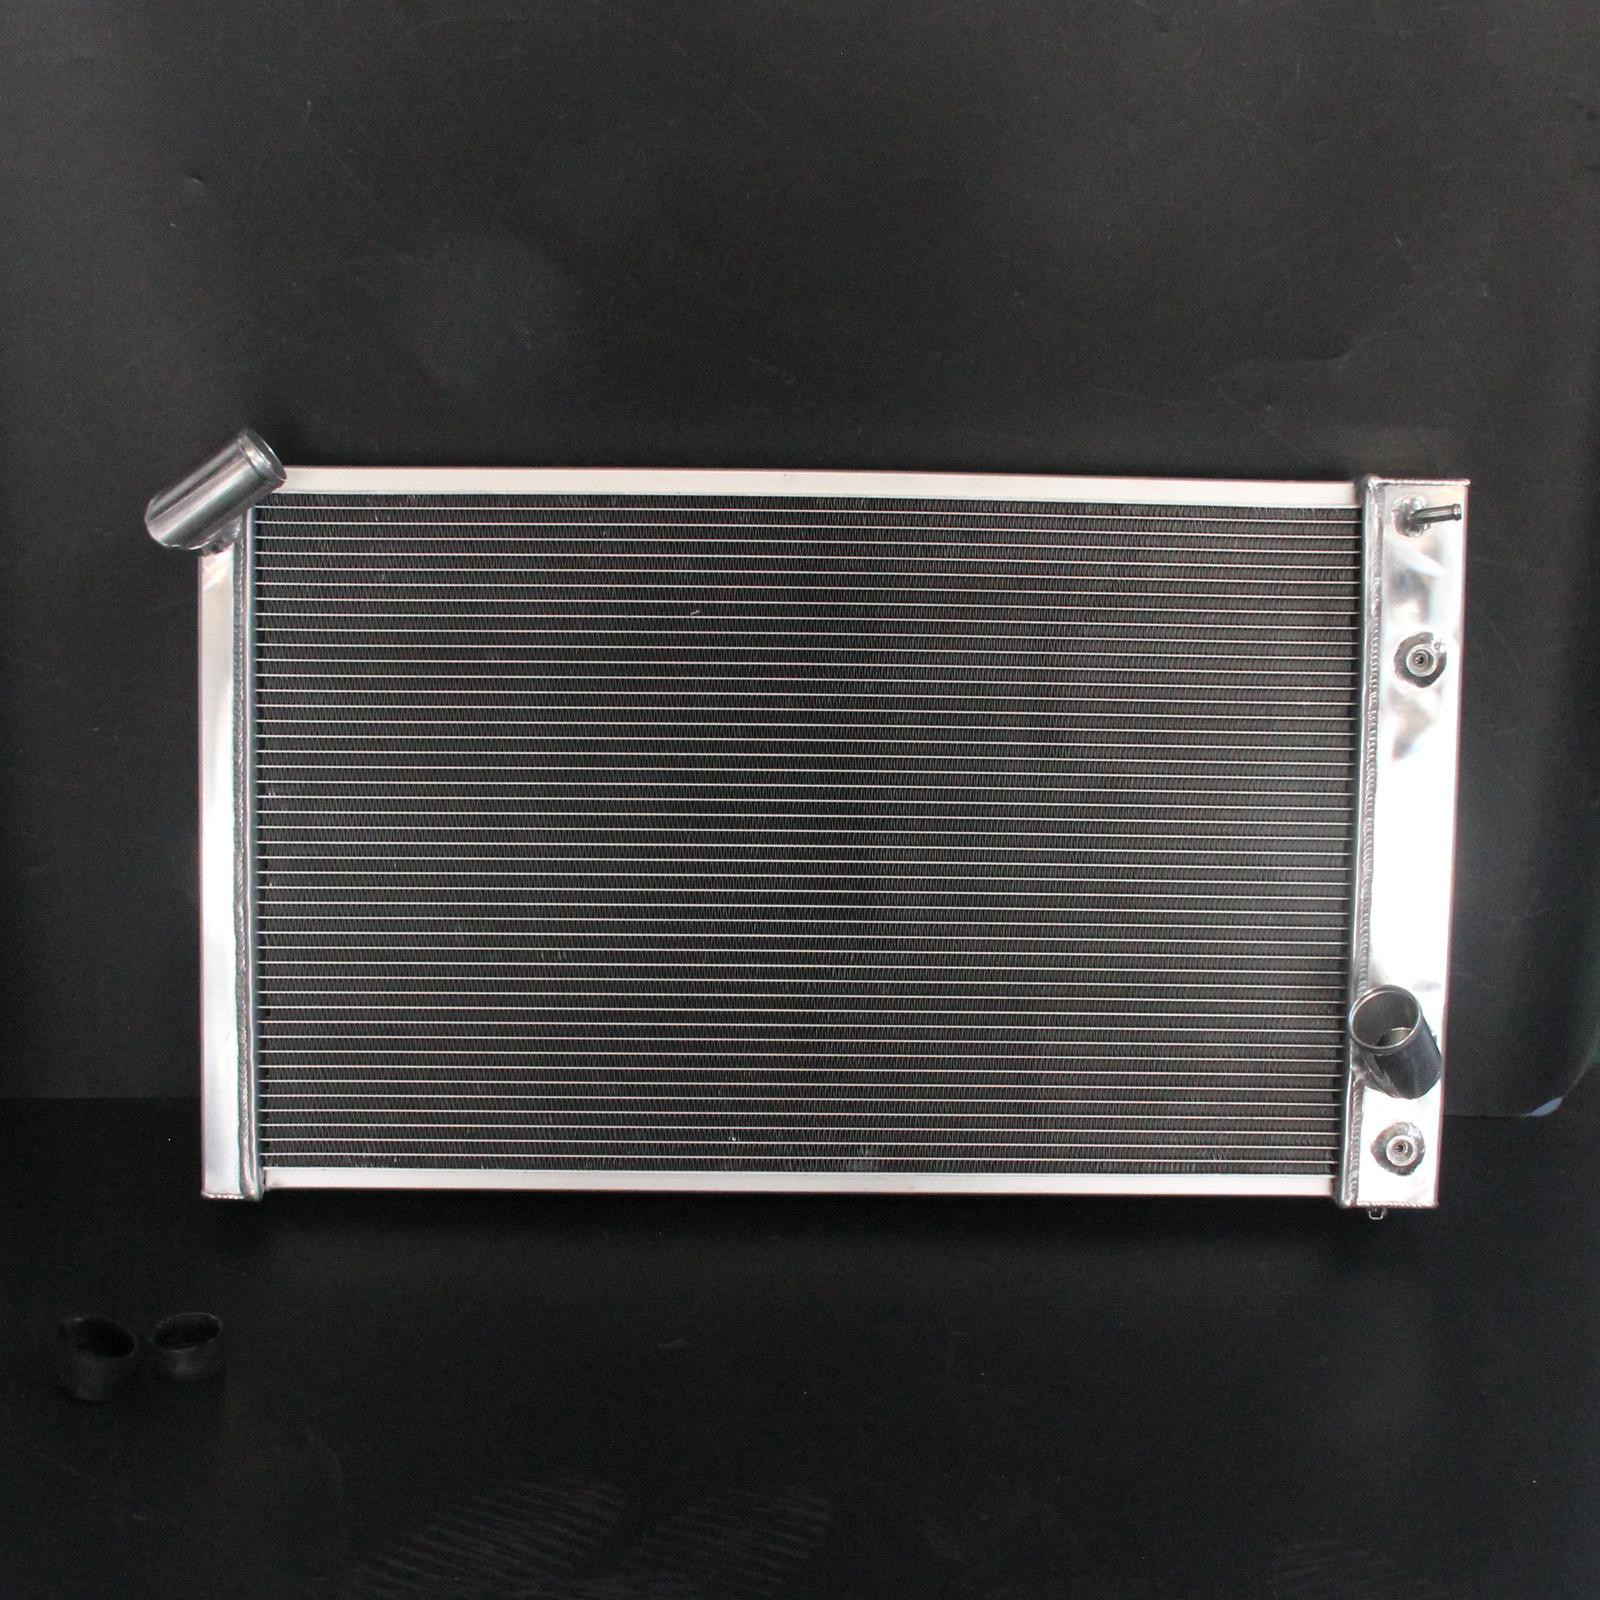 3-Row//Core Aluminum Radiator For Chevrolet Corvette Base V8 5.7L AT MT 69-72